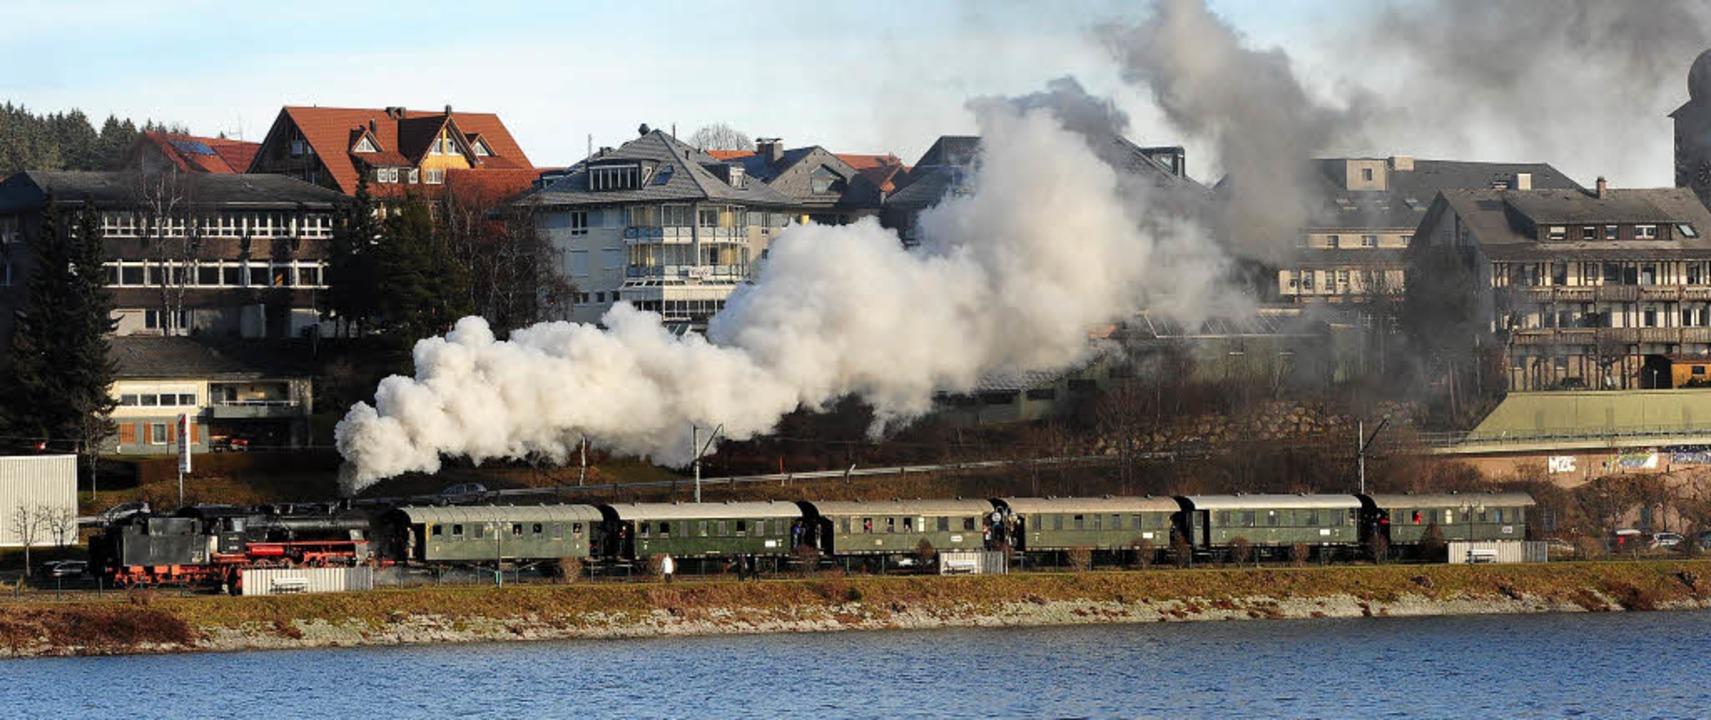 damfzug am schluchsee, dreiseenbahn    Foto: vitus arnold